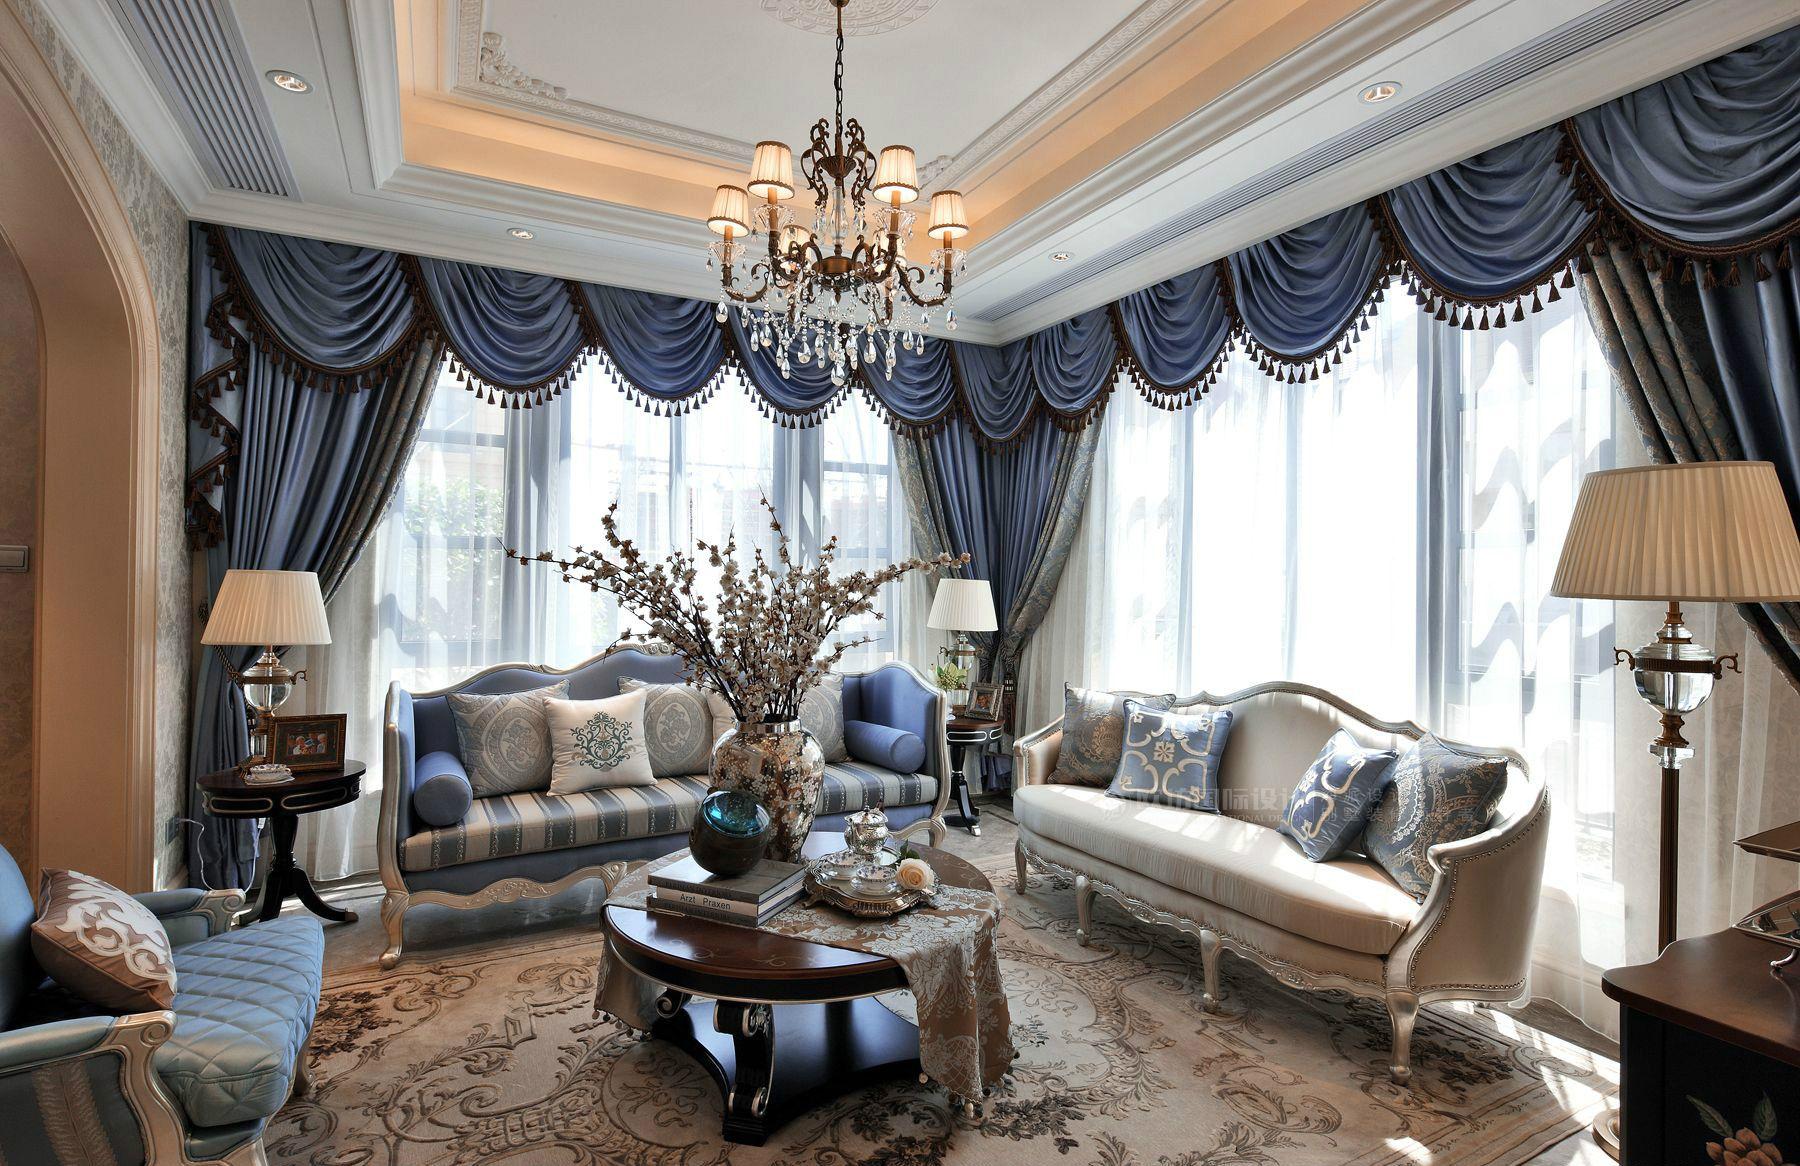 欧坊国际设计|别墅装修设计案例,欧式现代风格!